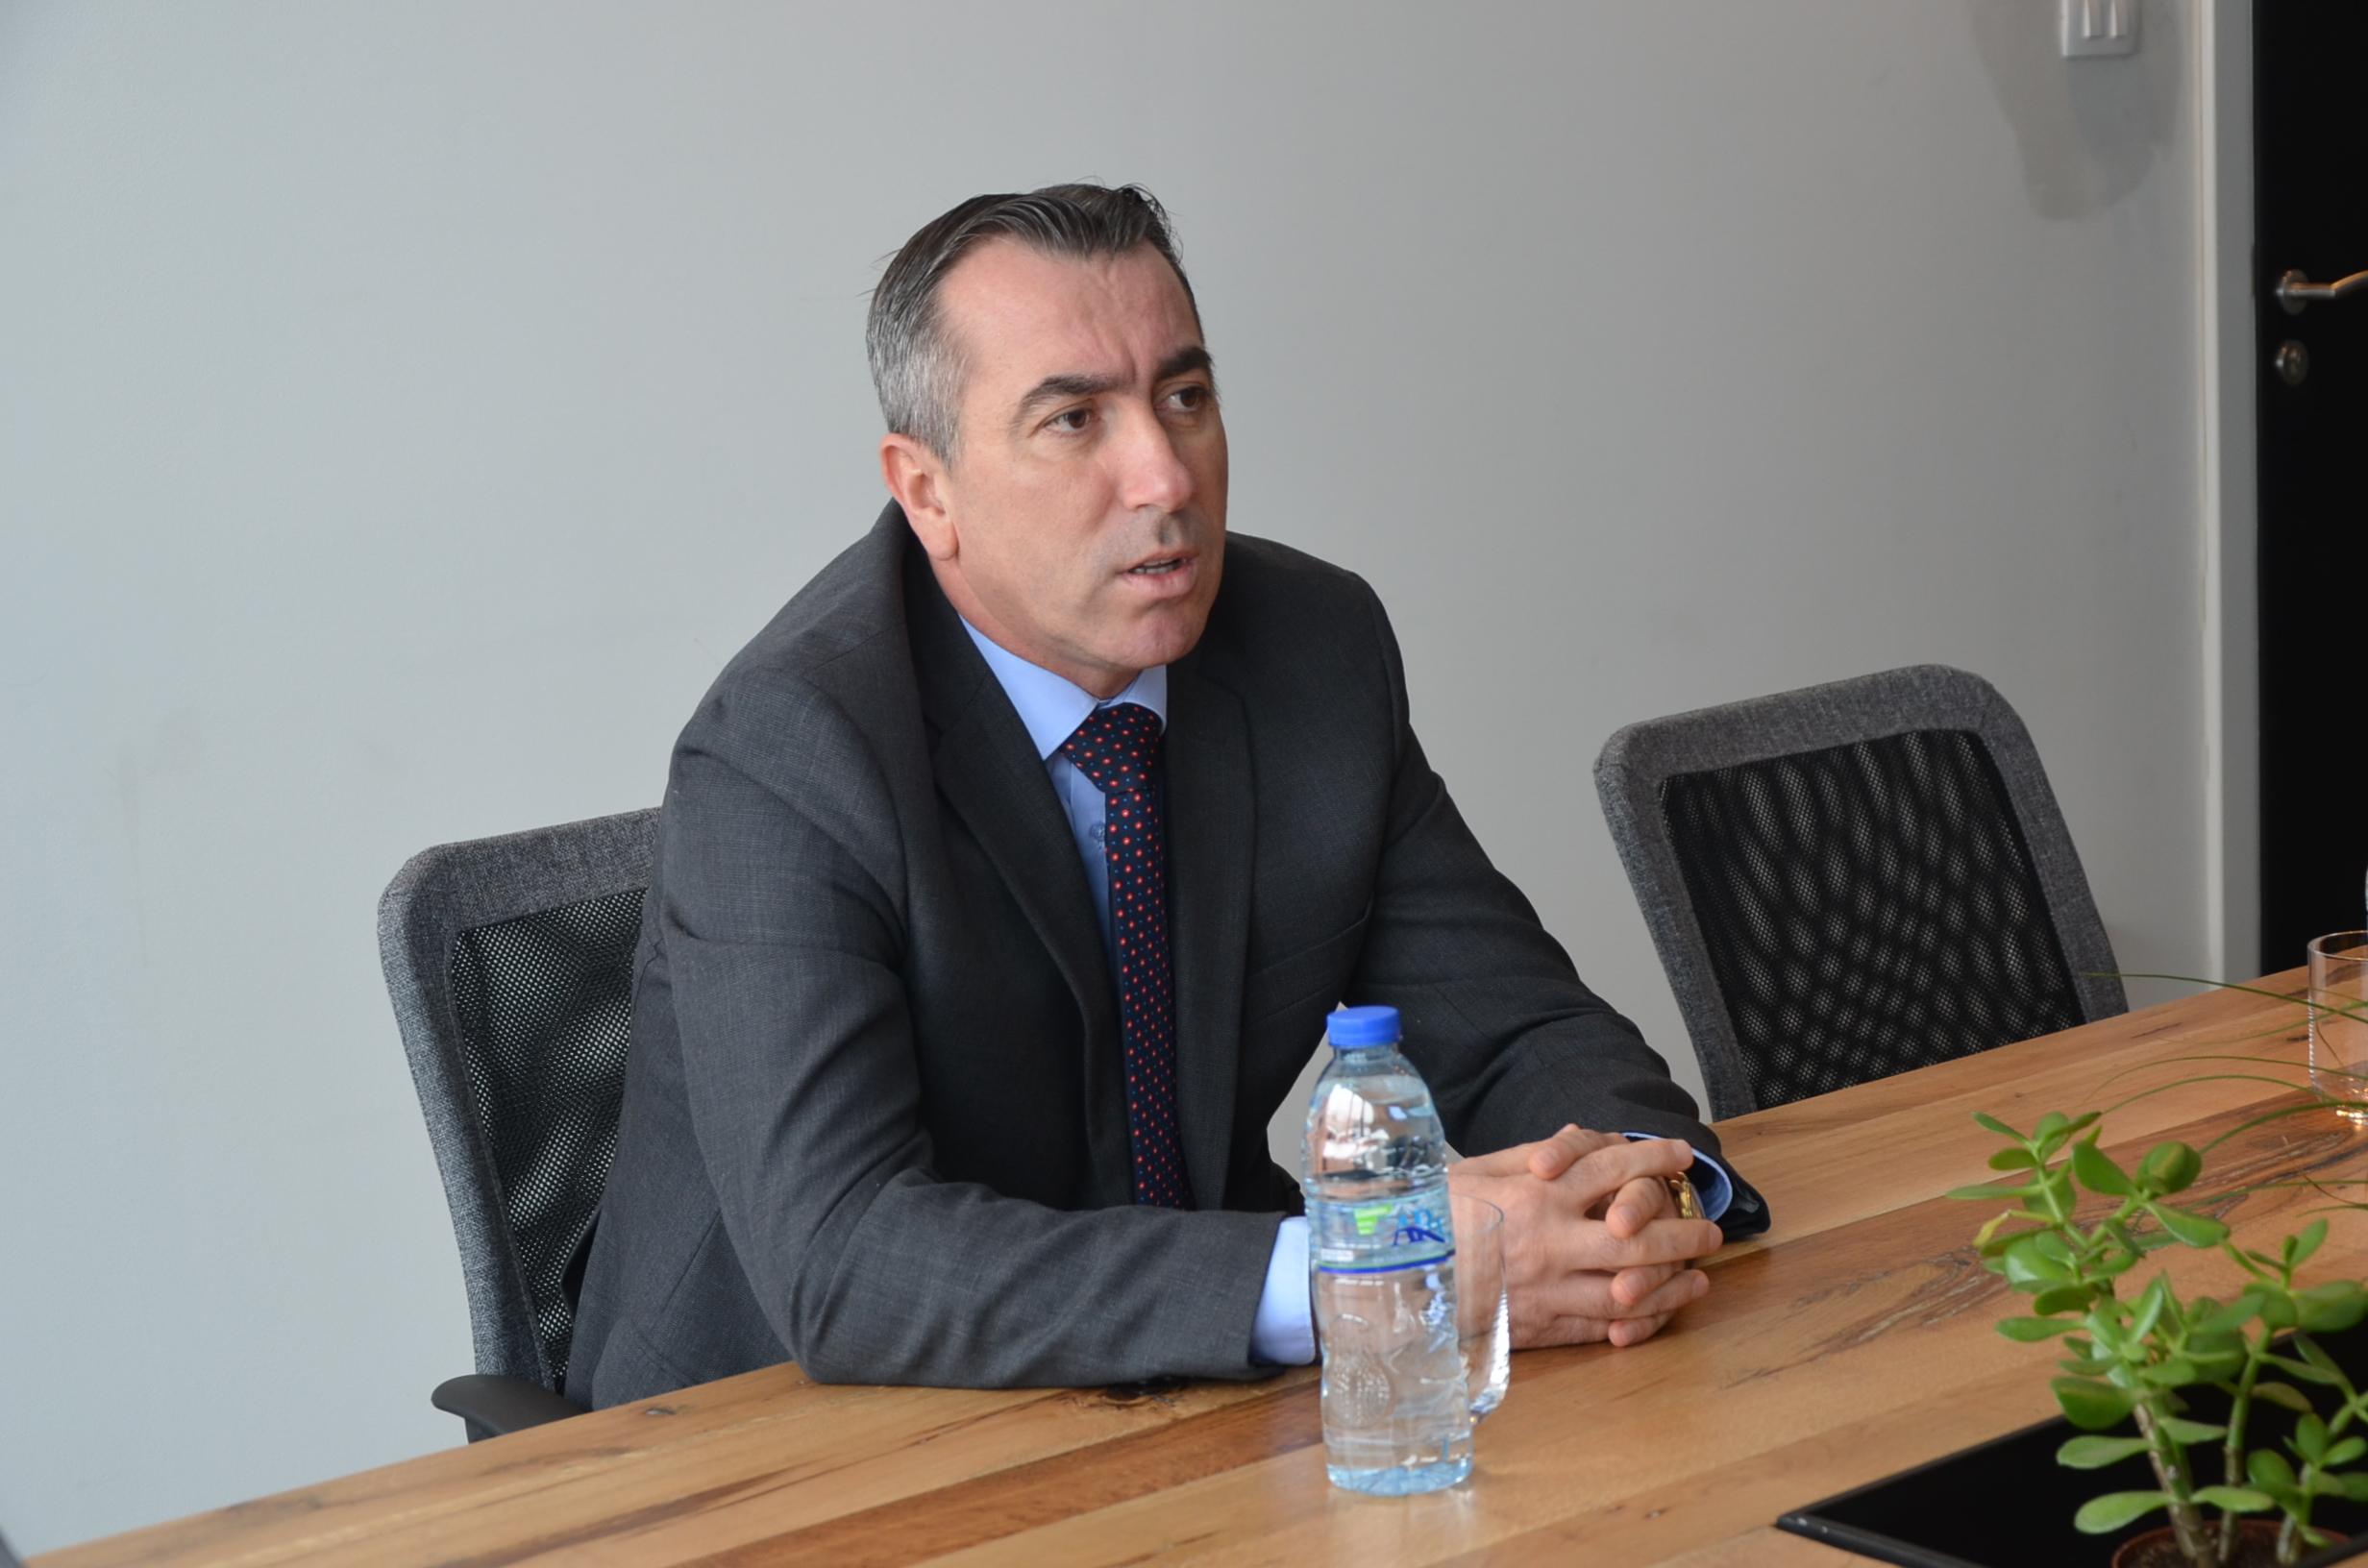 Asociacioni i Komunave të Kosovës përkrah shpalljen e gjendjes së jashtëzakonshme